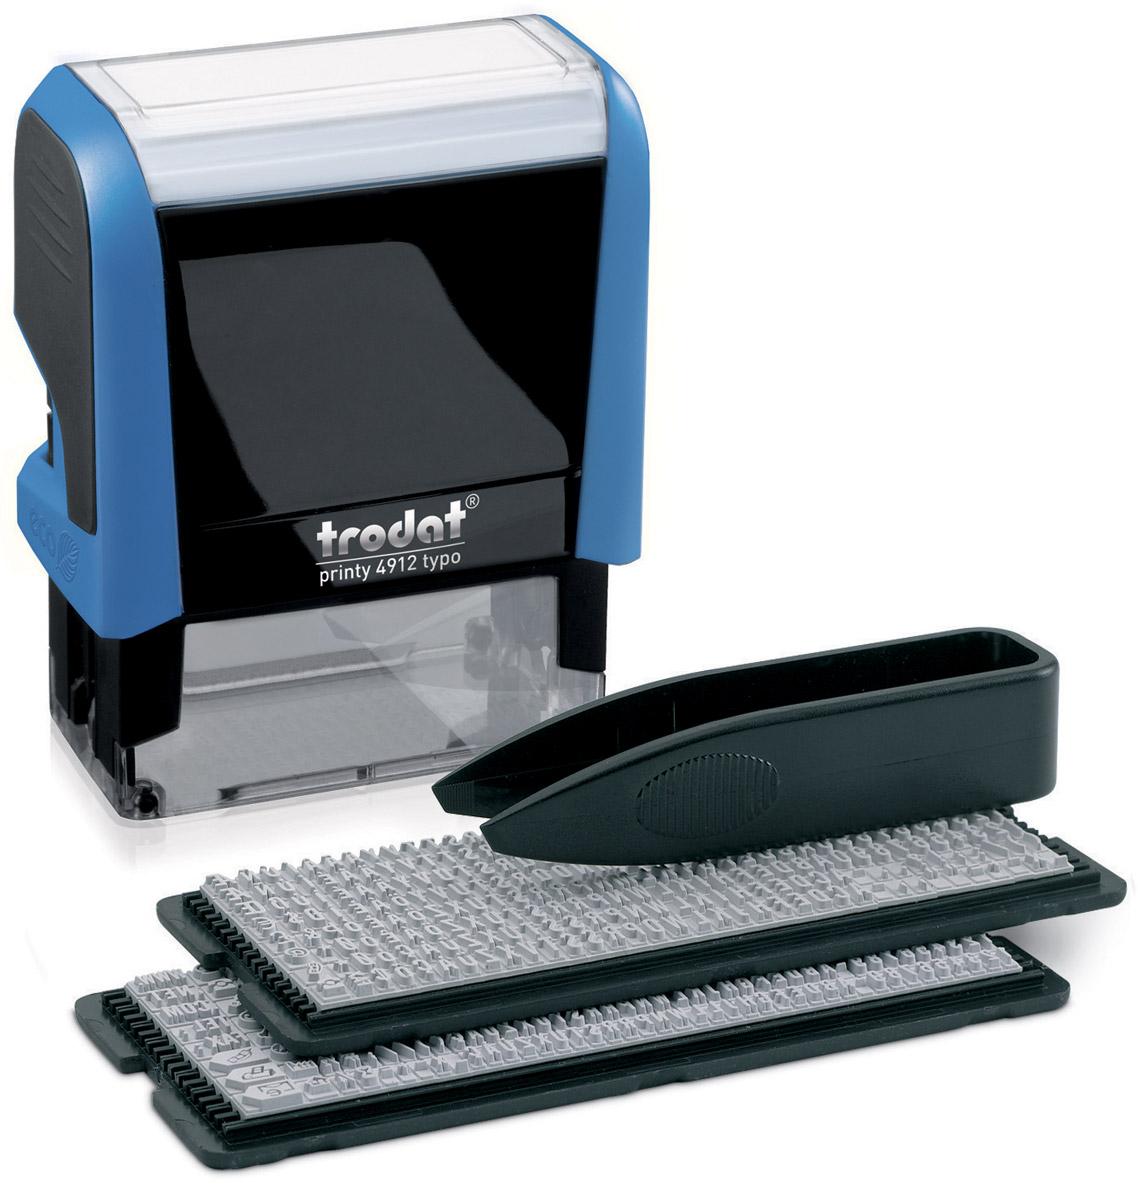 Trodat Штамп самонаборный четырехстрочный 47 х 18 мм4912/DBСамонаборный четырехстрочный русифицированный штамп Trodat с автоматическим окрашиванием будет незаменим в отделе кадров или в бухгалтерии любой компании. Прочный пластиковый корпус гарантирует долговечное бесперебойное использование. Оттиск проставляется практически бесшумно, легким нажатием руки. Улучшенная конструкция и видимая площадь печати гарантируют качество и точность оттиска. Символы надежно закрепляются в текстовой пластине. Модель оснащена кнопками блокировки и кнопочным механизмом замены подушки. Сменную штемпельную подушку необходимо заменять при каждом изменении текста. В комплект также входят: сменная подушка, пинцет, 2 кассы символов. Trodat - идеальный штамп для ежедневного использования в офисе, гарантирующий получение чистых и четких оттисков. Идеально подходит к самым разным требованиям в повседневной офисной жизни.